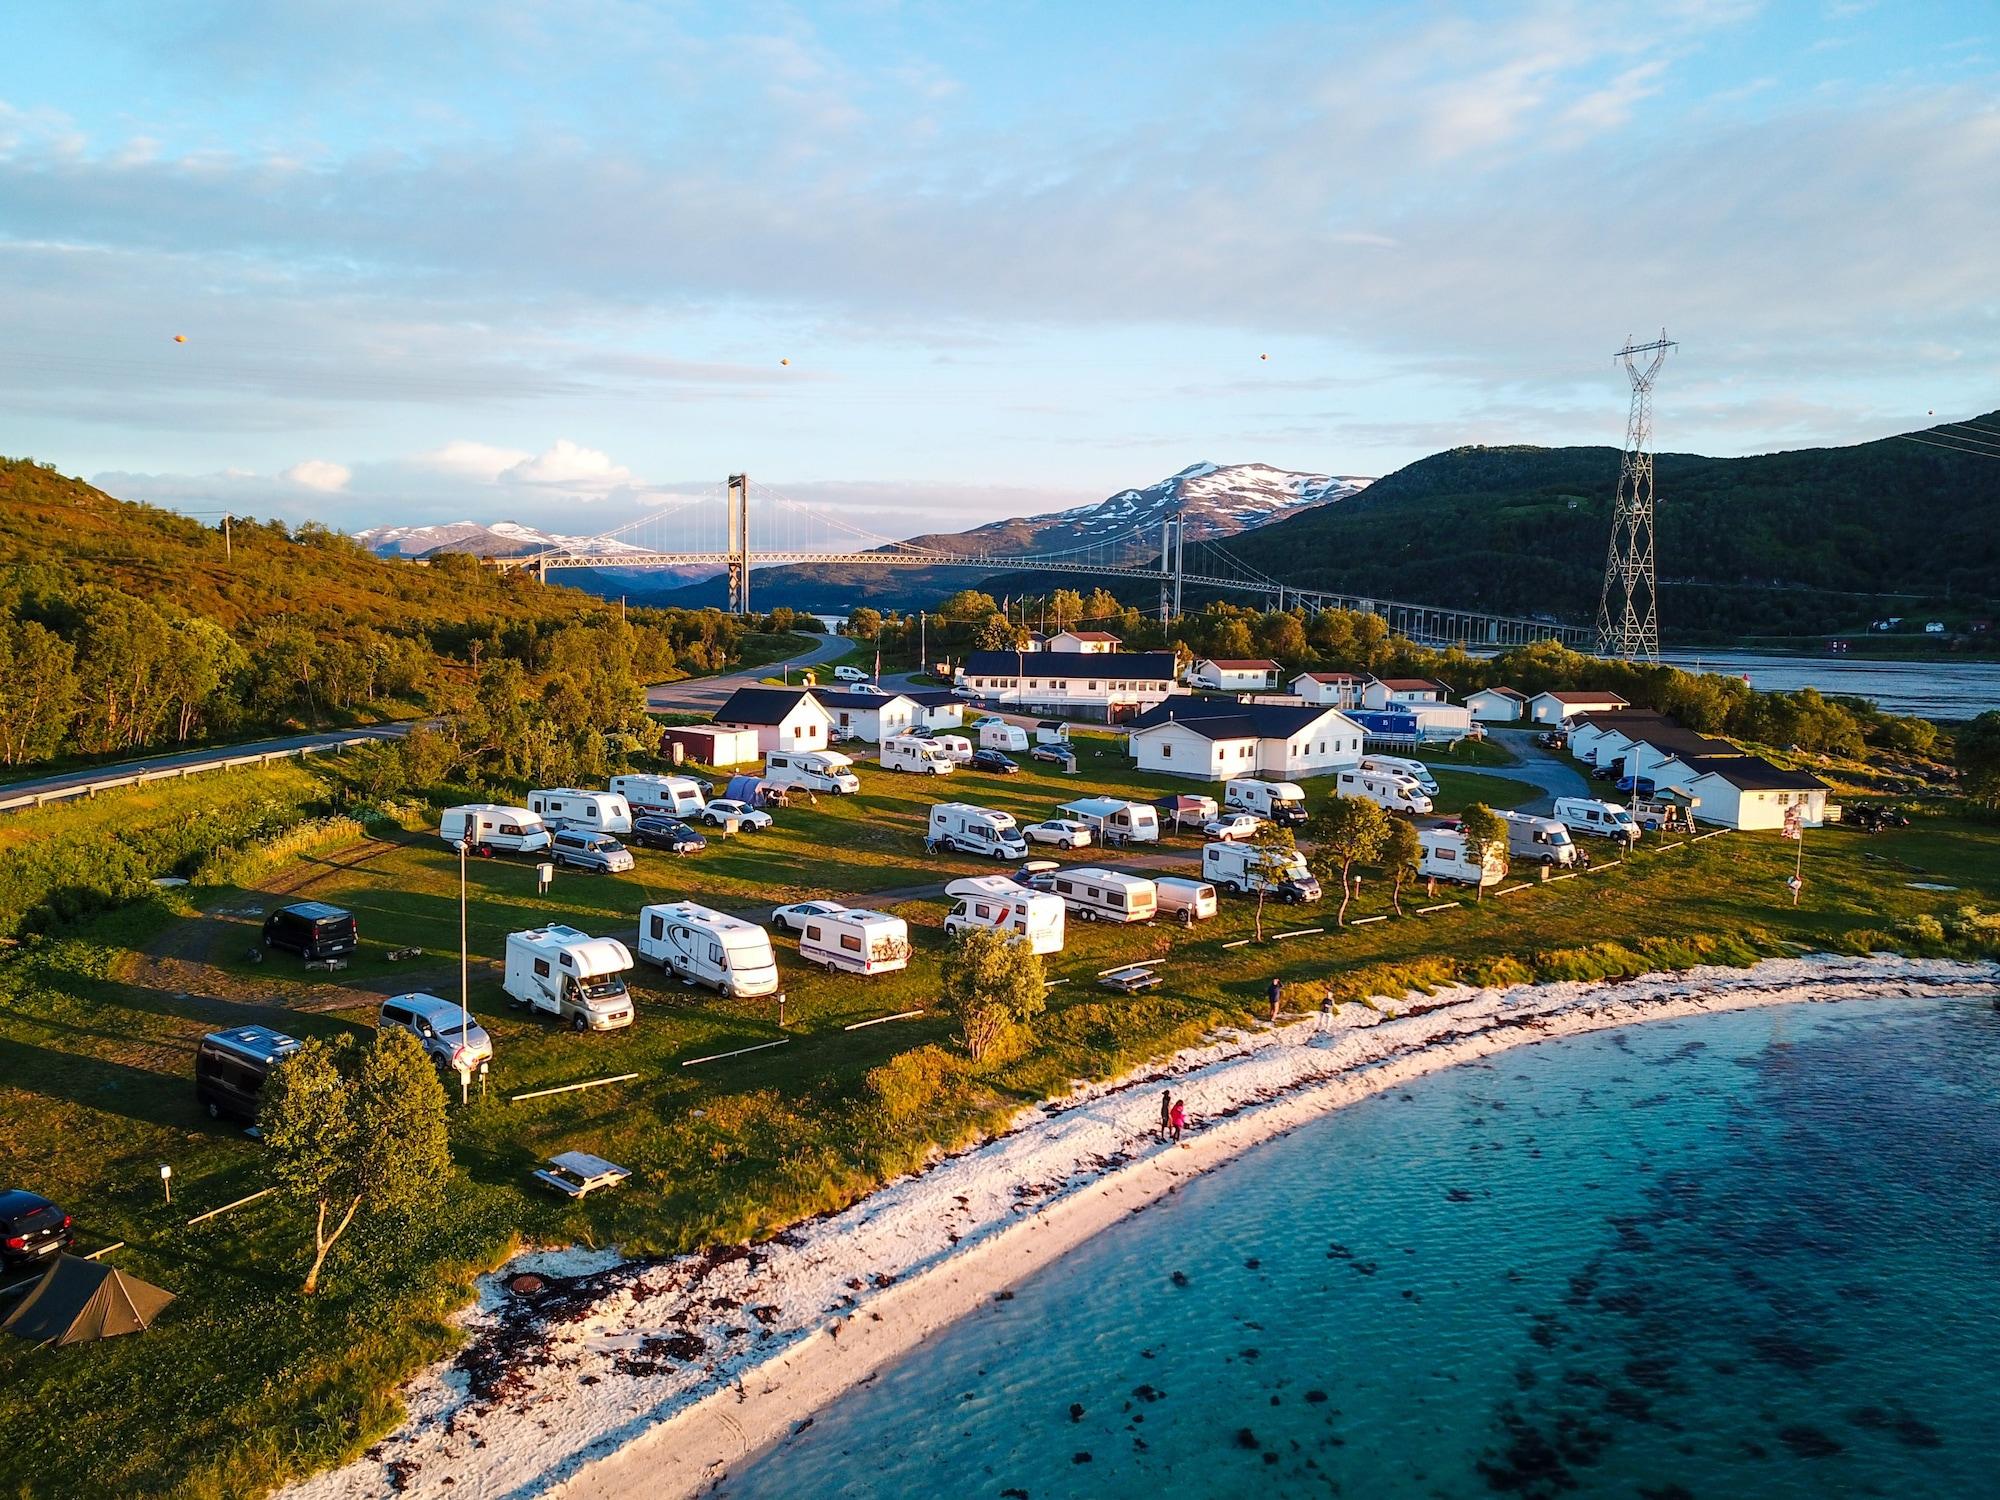 Tjeldsundbrua Camping, Skånland